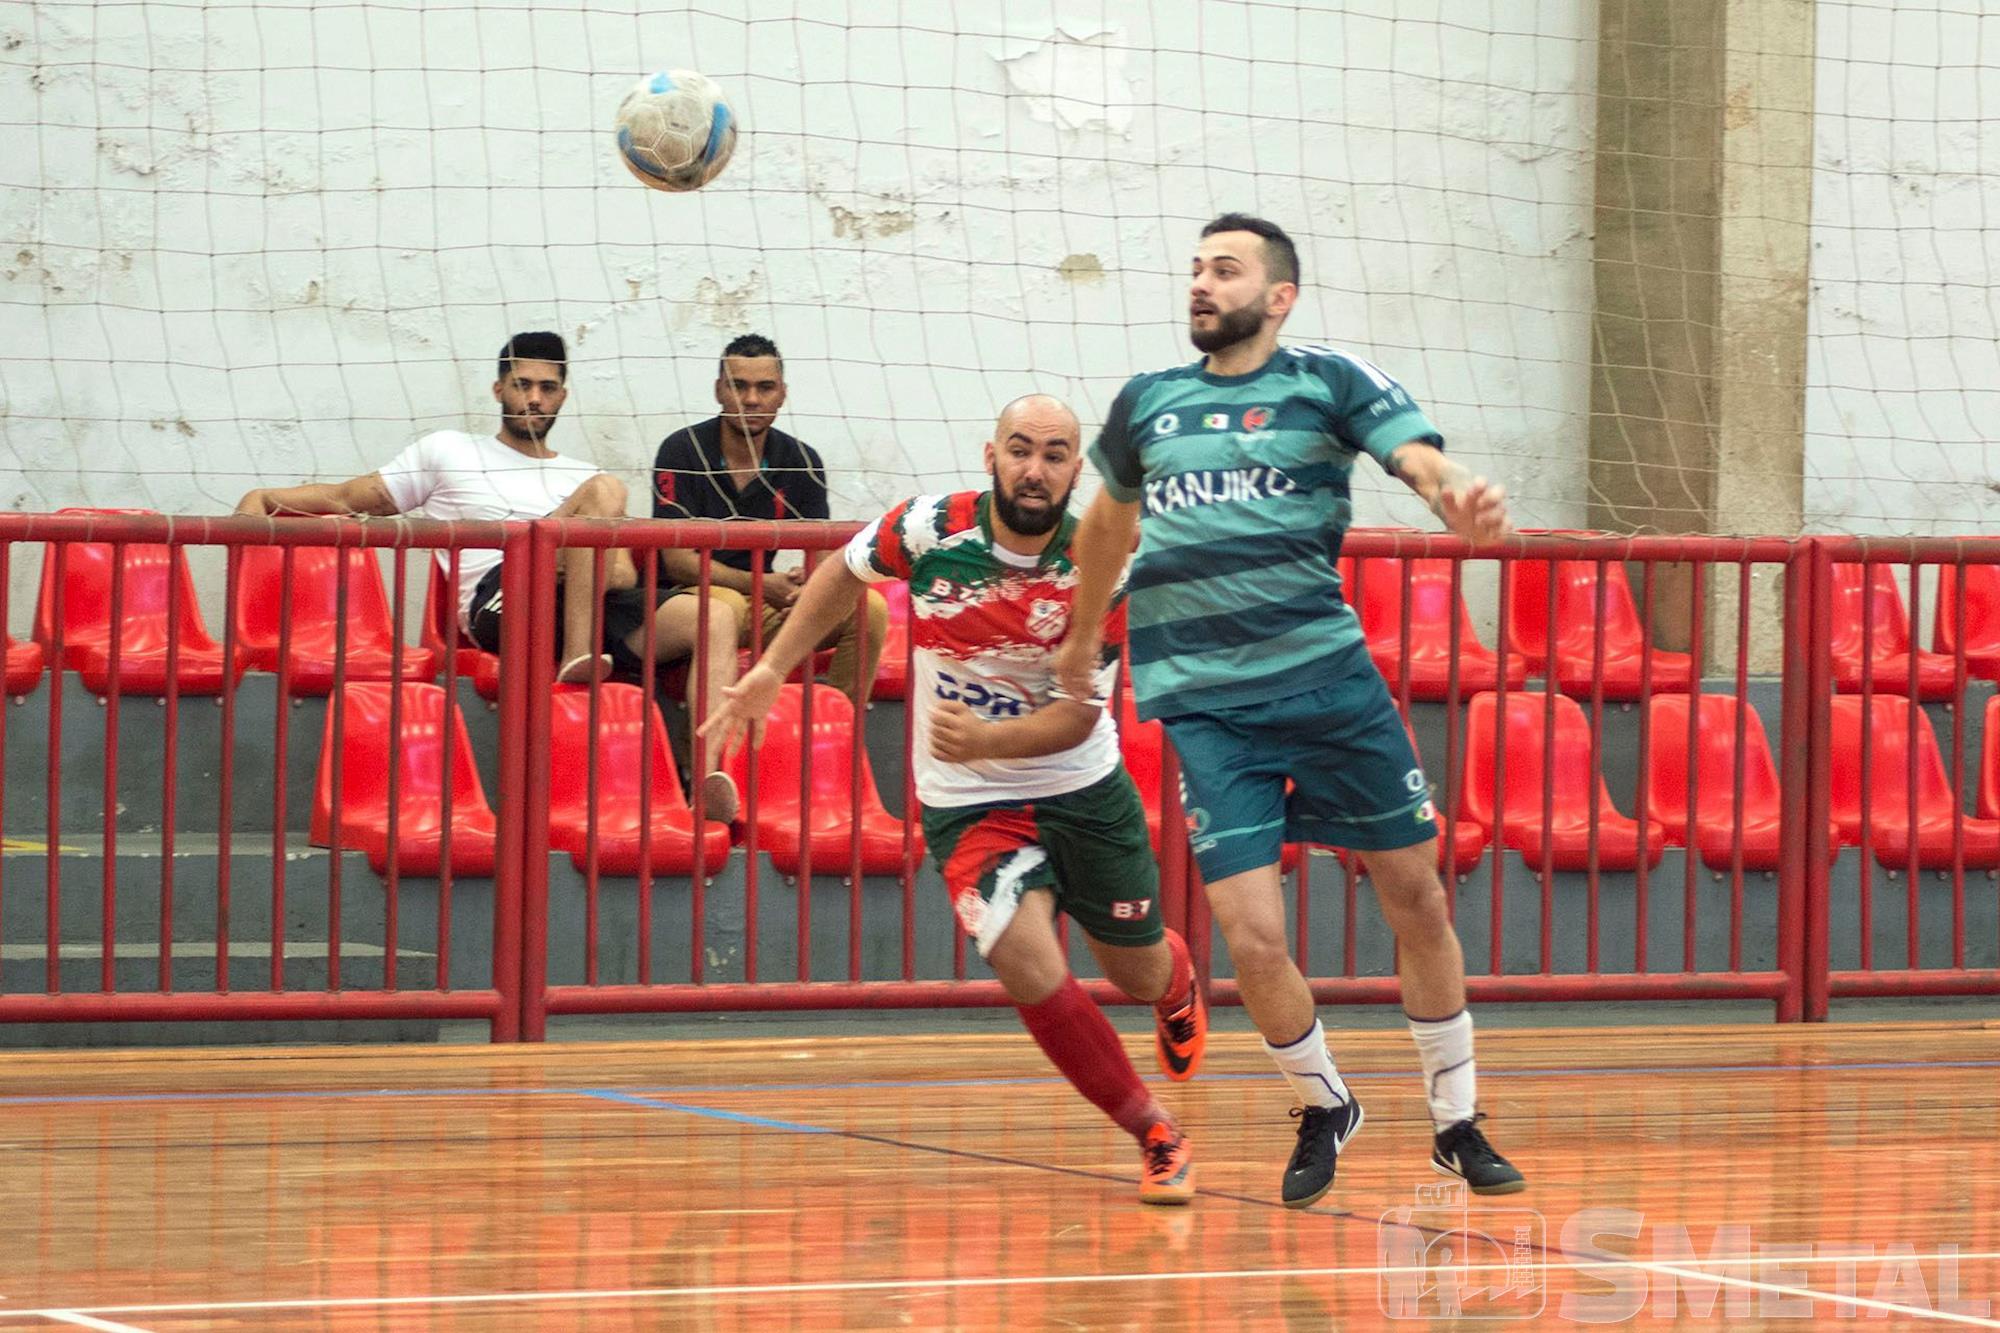 Momentos da 1ª rodada da Taça Papagaio 2019, taça,  papagaio,  futsal,  jogo,  rodada,  clube,  torneio, Foguinho/Imprensa SMetal, Taça Papagaio de Futsal 2019 começa com muitos gols